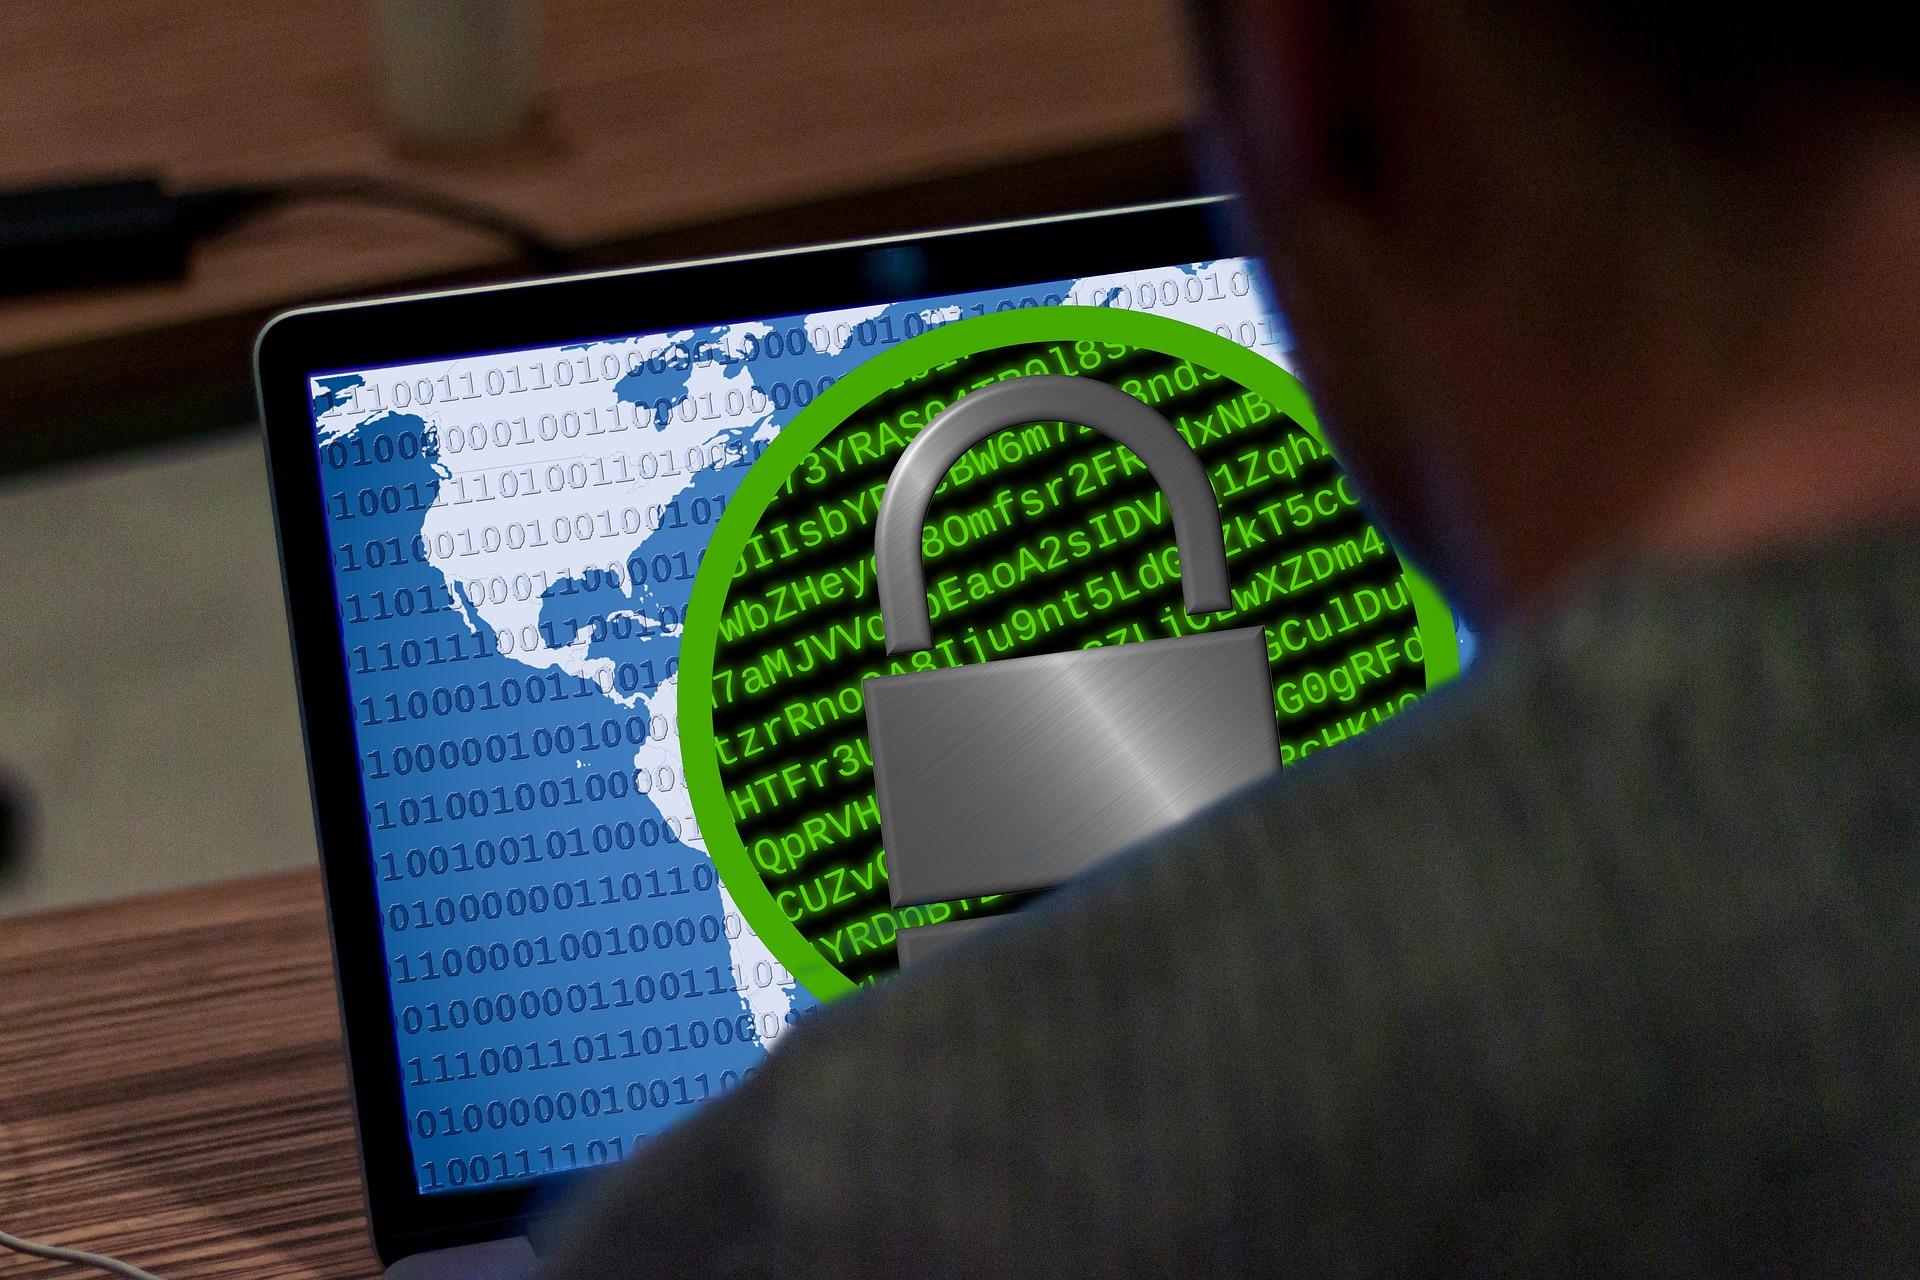 Szintet lép a kiberbűnözés